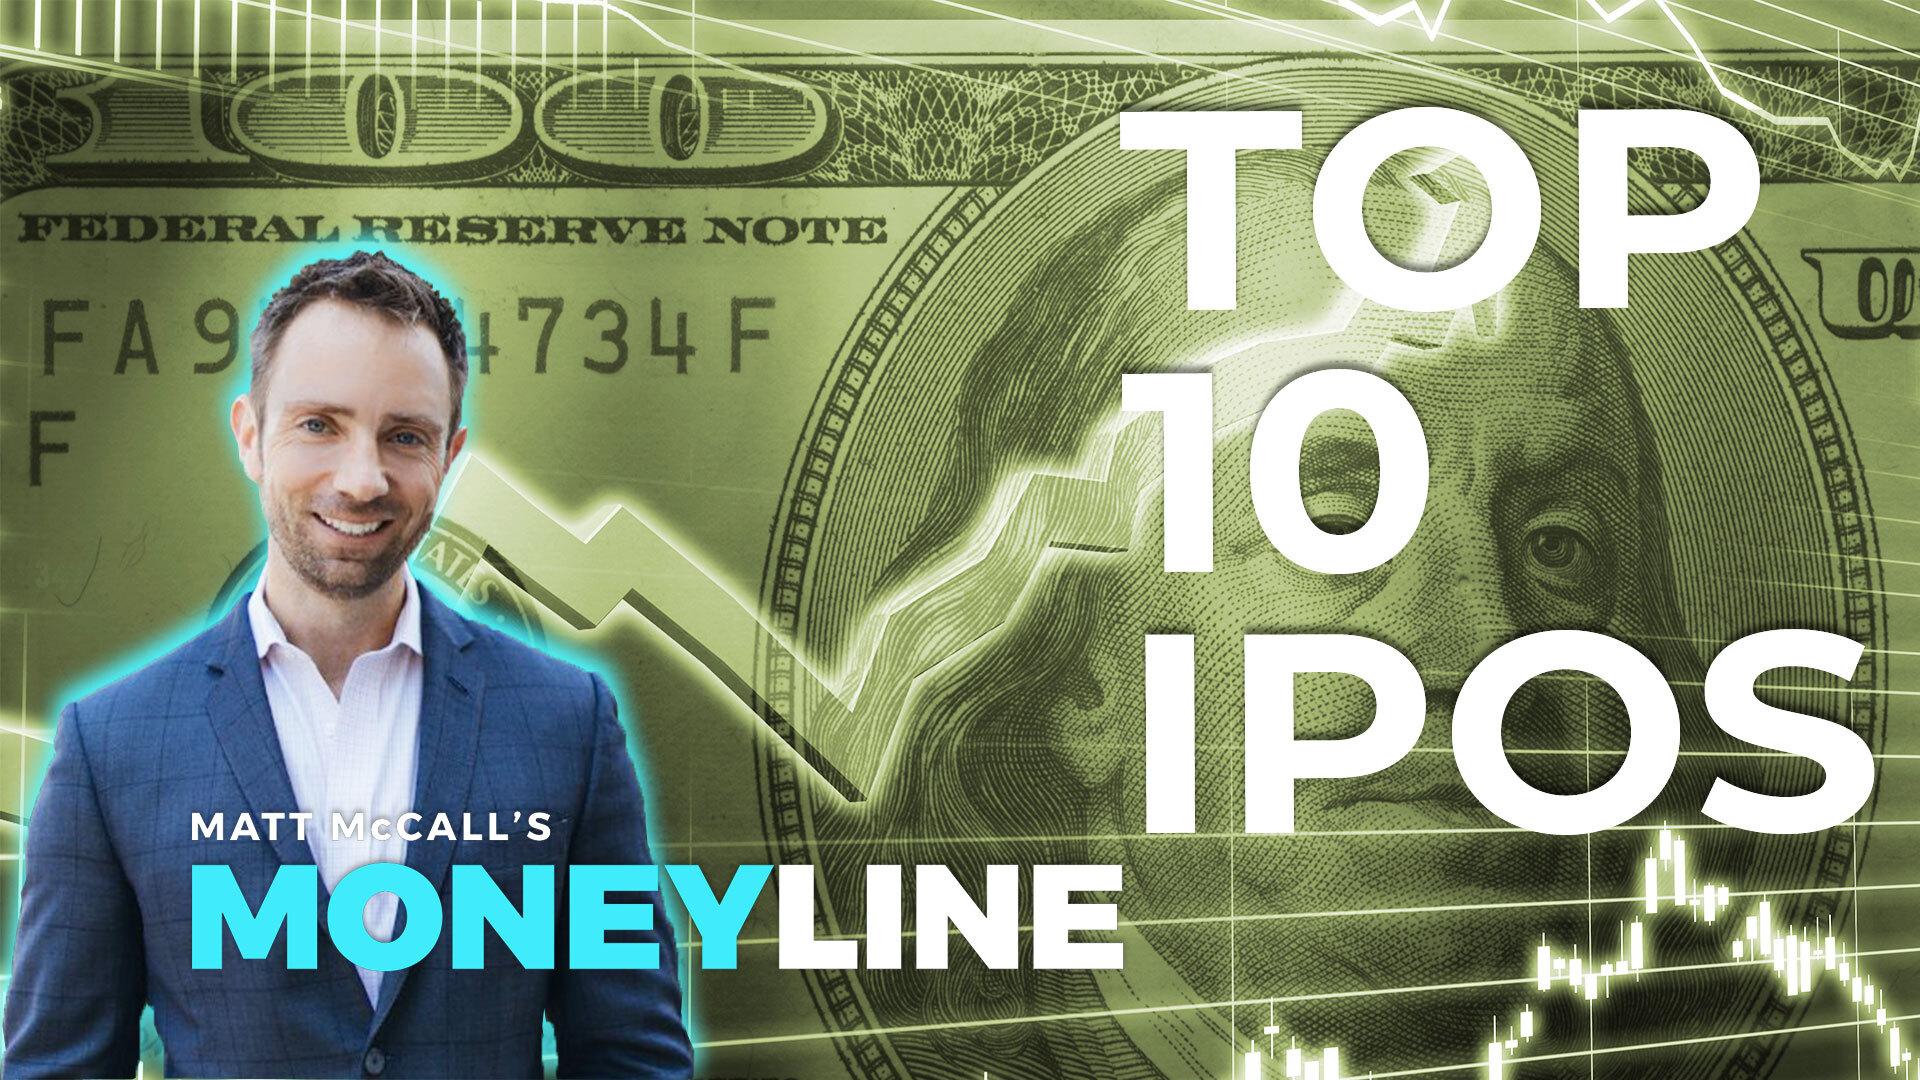 Matt McCall's Moneyline: Top 10 IPOs